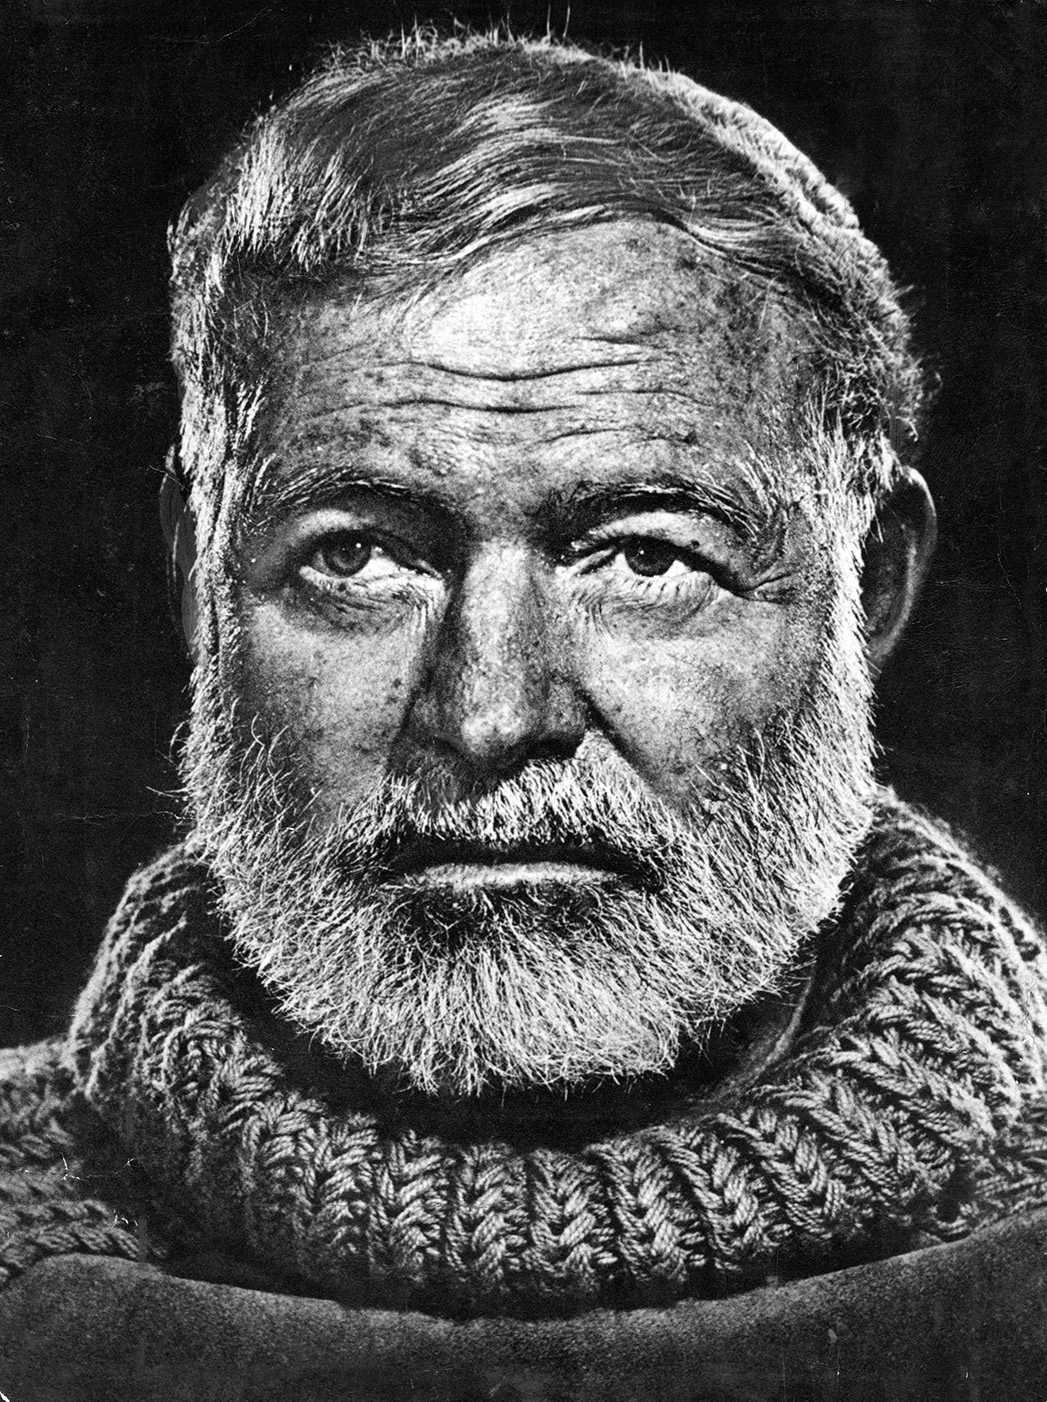 Ernest Hemingway, författare och journalist. Fick Nobelpriset i litteratur 1954.